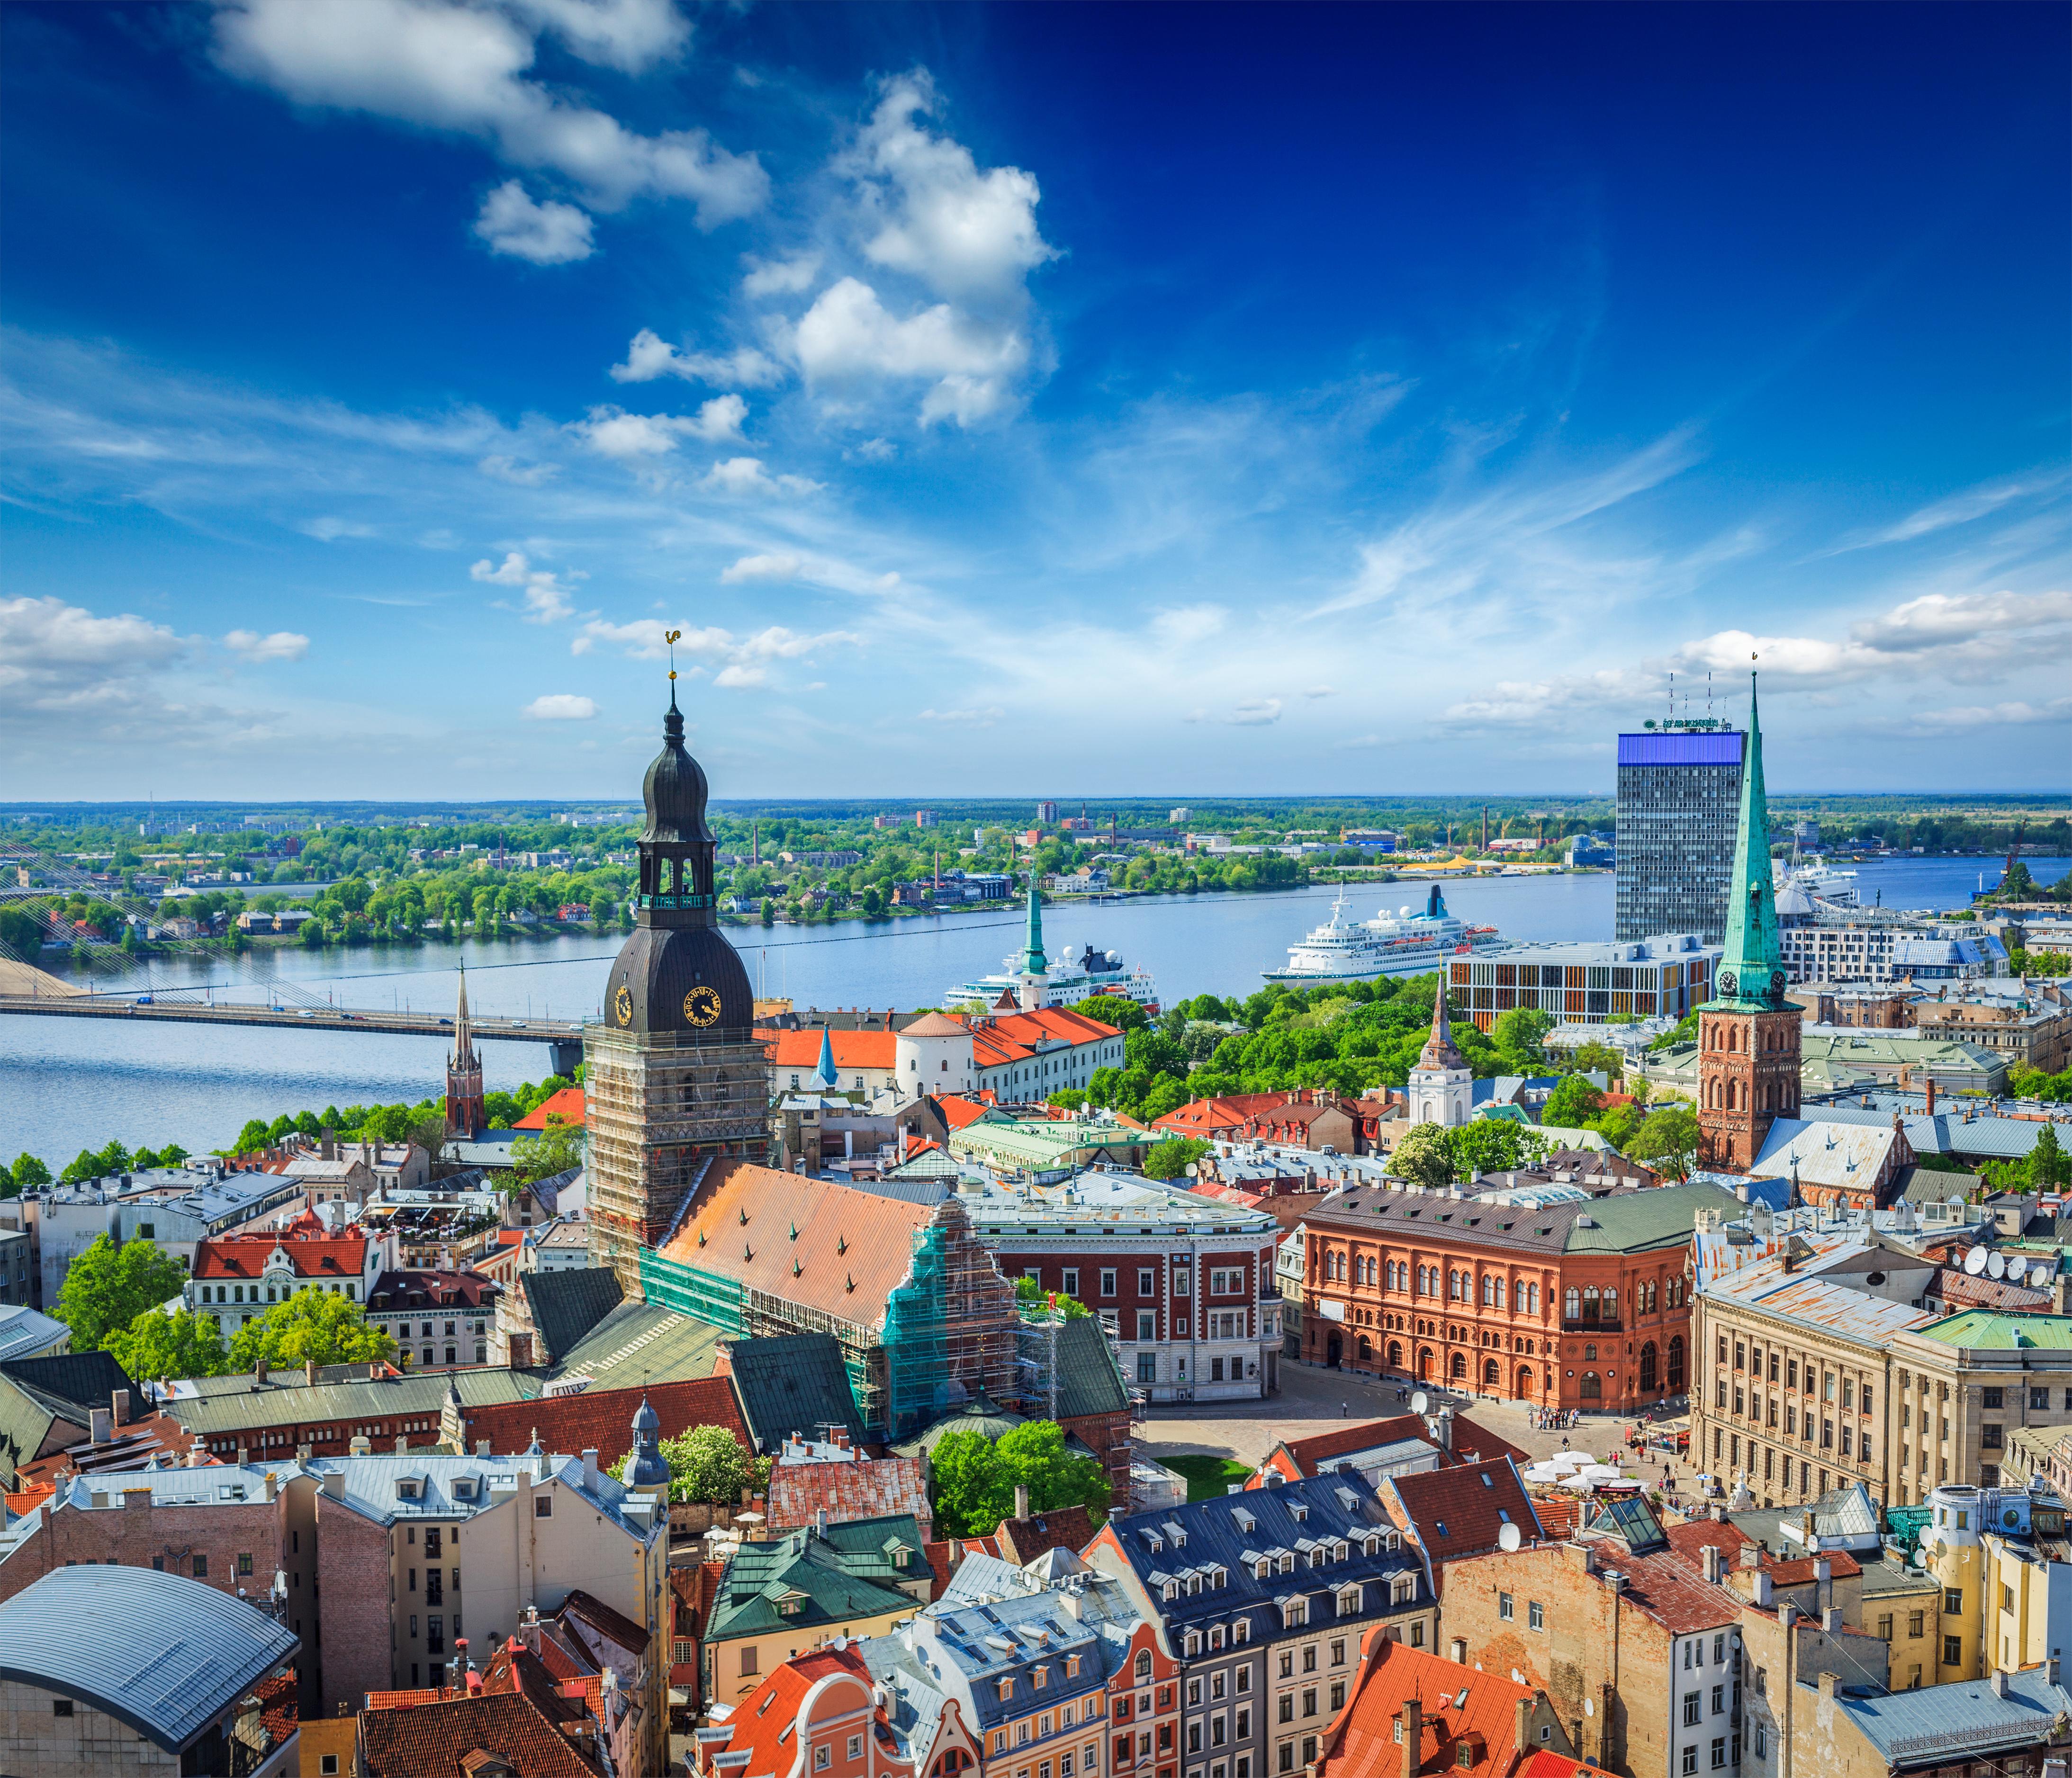 Рига, столица Латвии, ВНЖ которой могут получить россияне, украинцы и белорусы